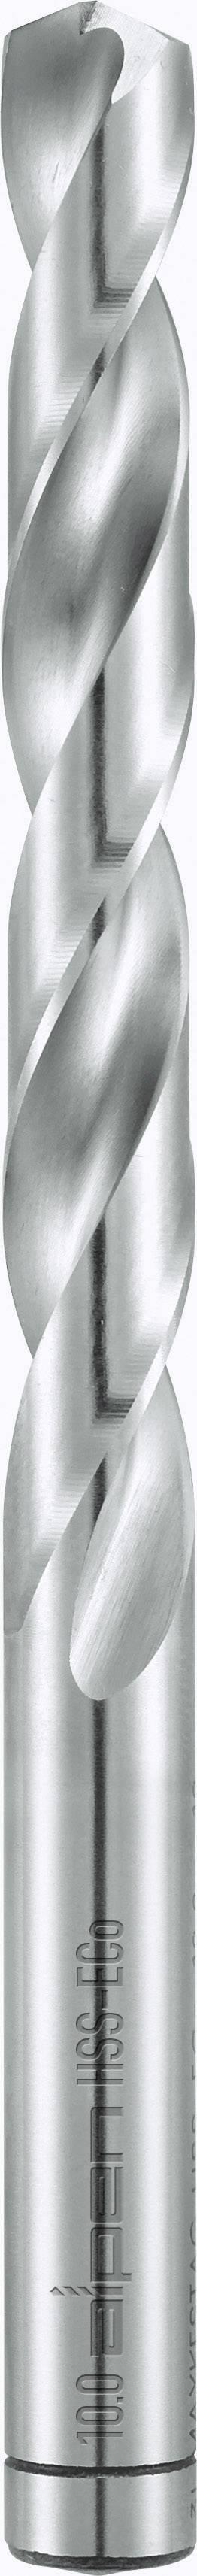 5 STÜCKE HSS Cobalt Spiralbohrer HSS-Co Für Hartmetall Edelstahl 1mm-5mm